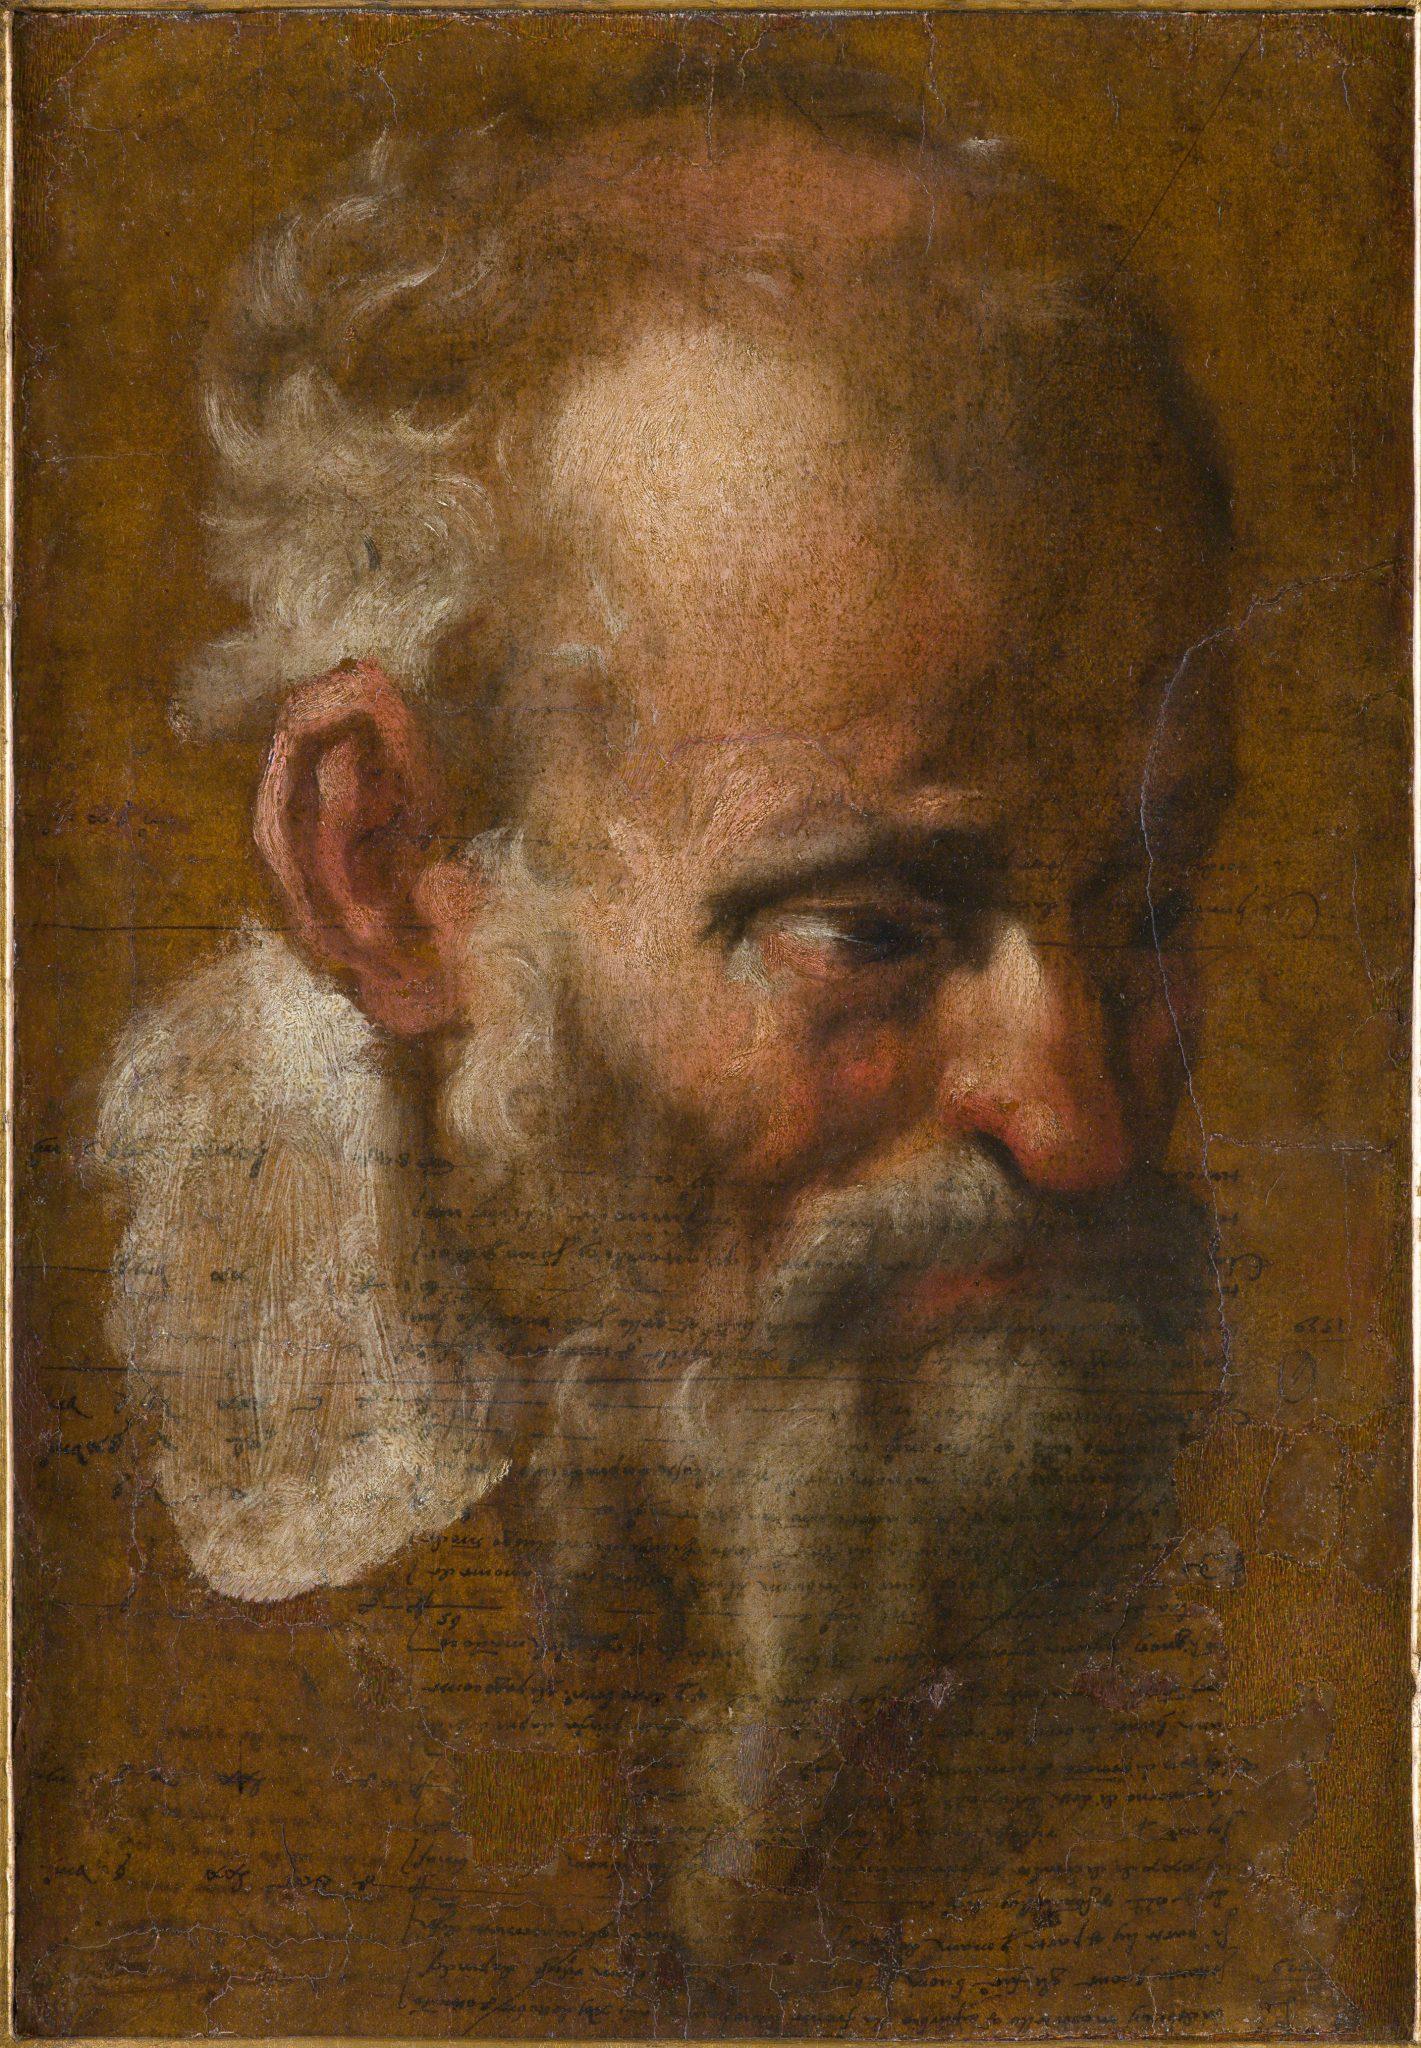 ANNIBALE CARRACCI (Bologna 1560 - 1609 Roma) Studio di testa maschile Olio su carta con inchiostro marrone, applicato su tela, 41 x 28.5 cm